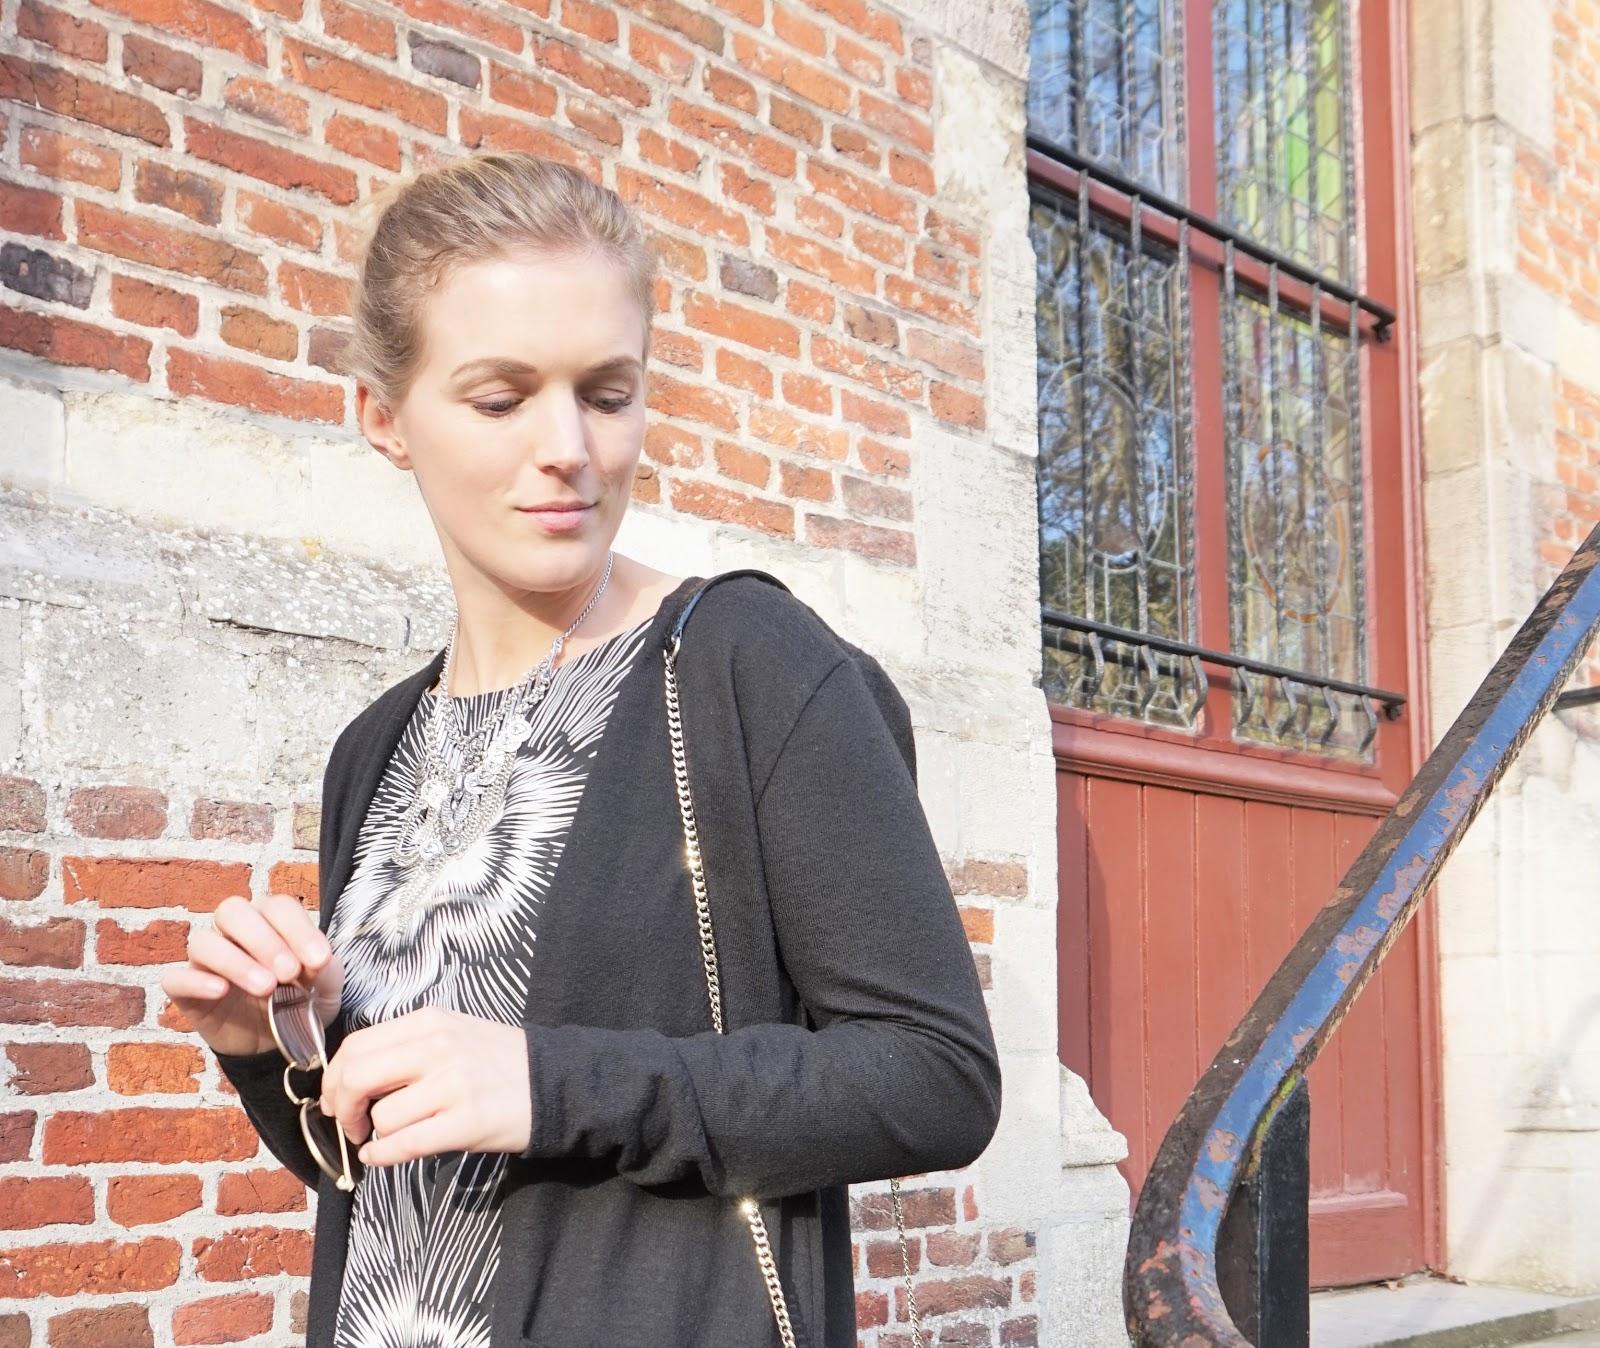 DSC00492 | Eline Van Dingenen